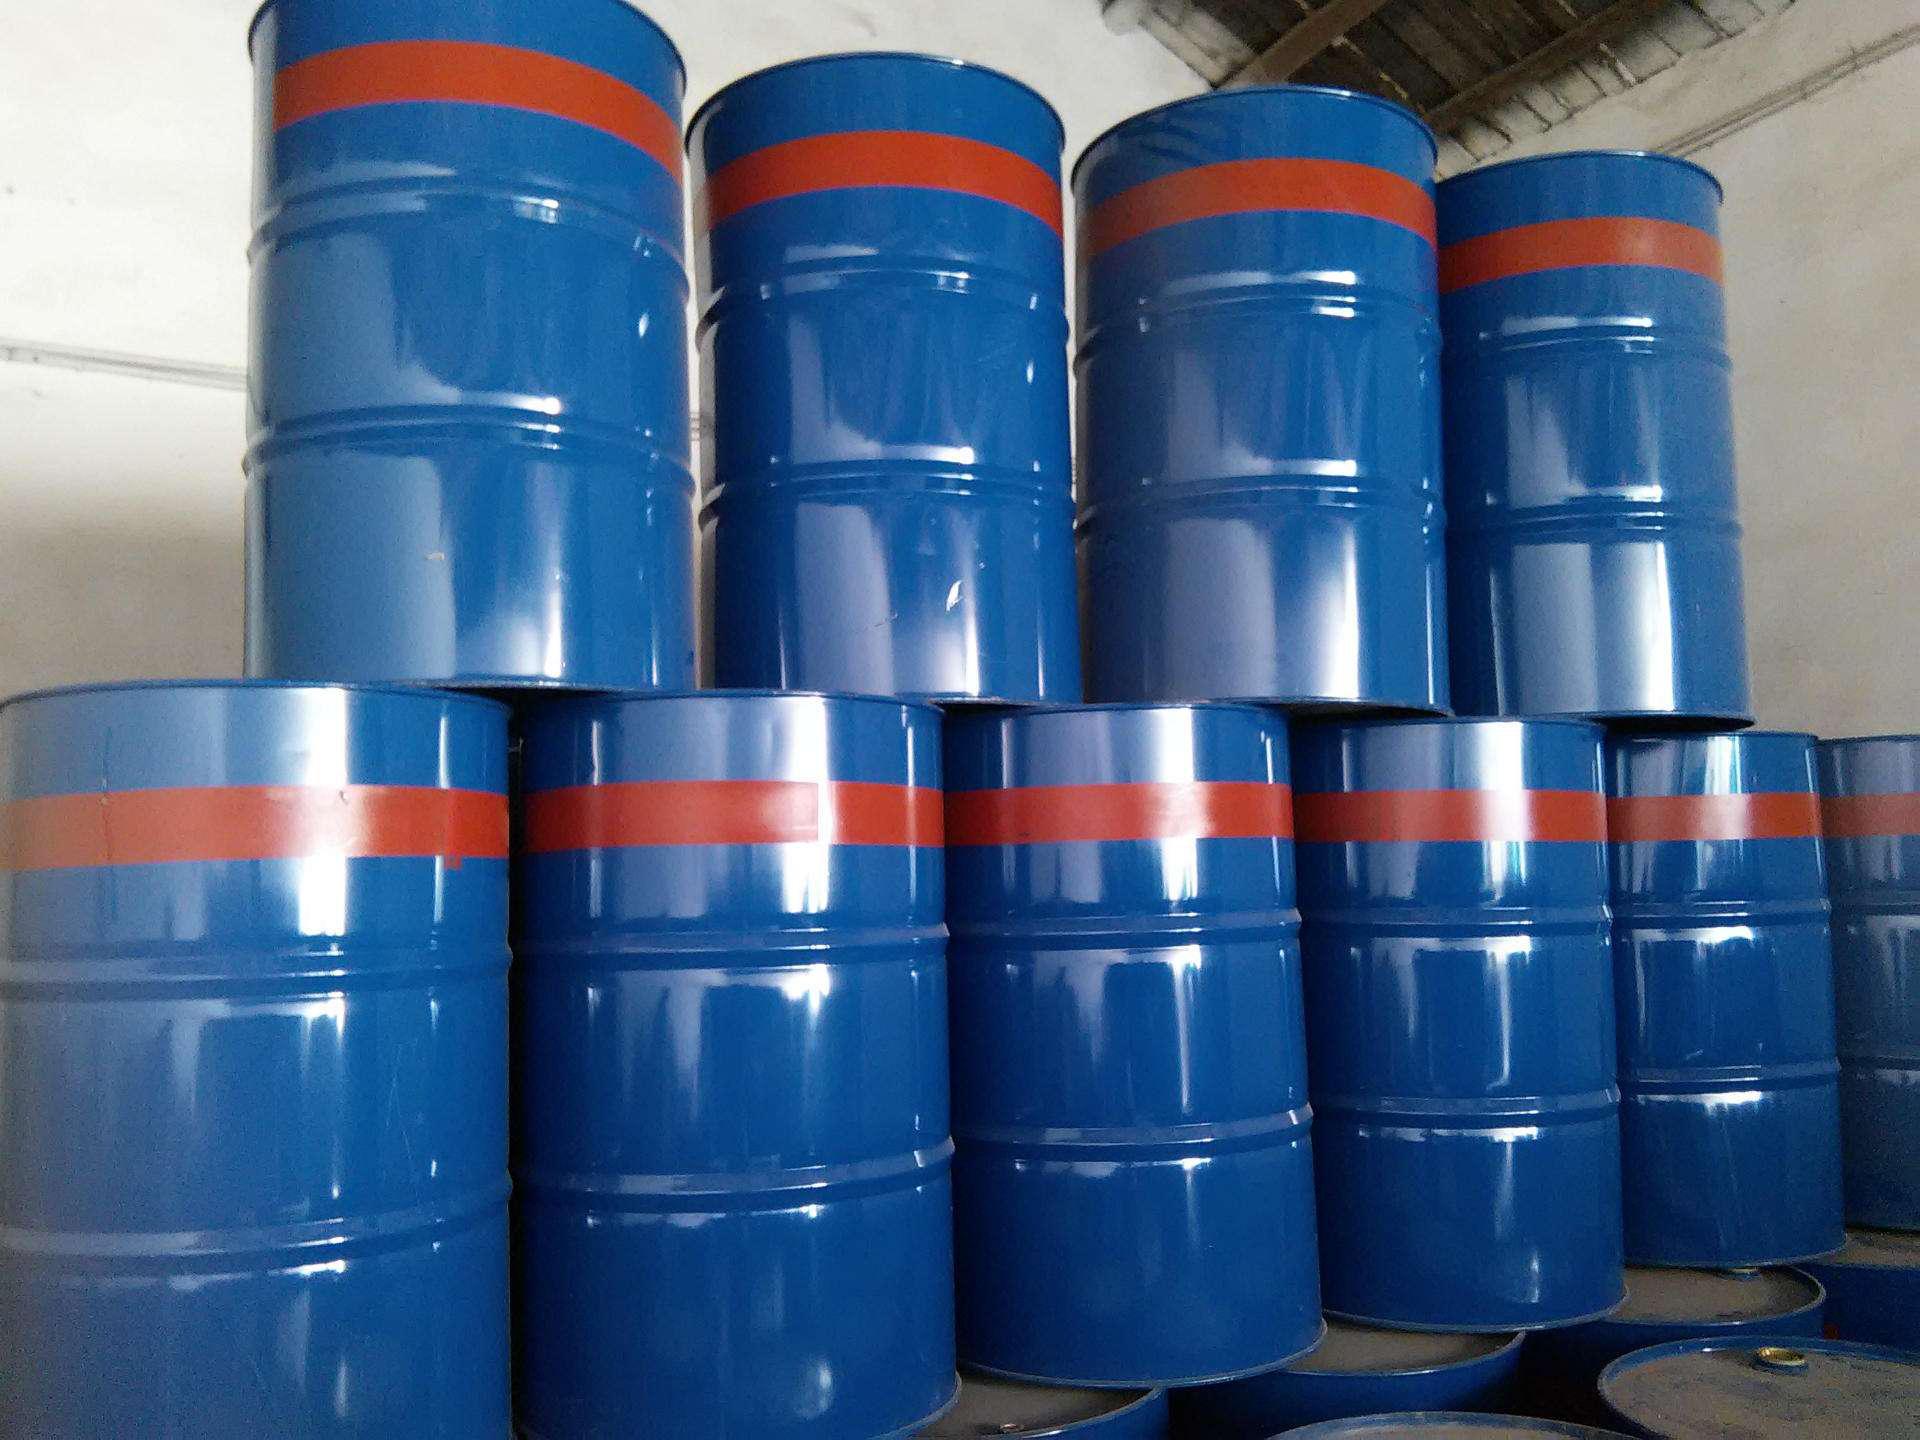 优化萃取剂应用流程有助于提升金属提纯水平